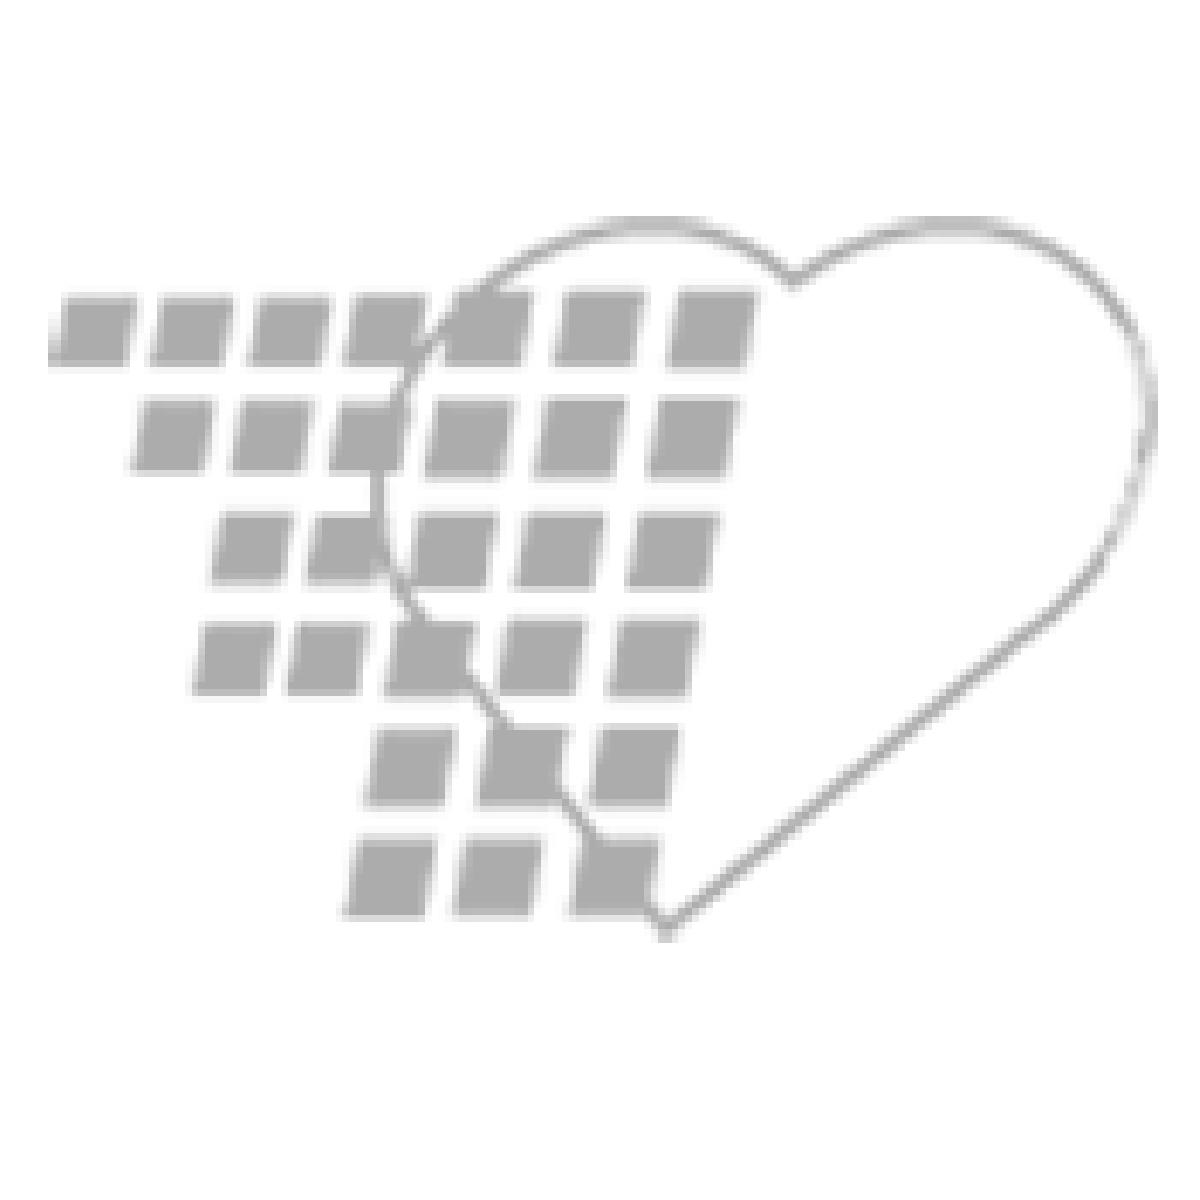 02-92-405-GIRL - Girls 0-36 Months Growth Chart